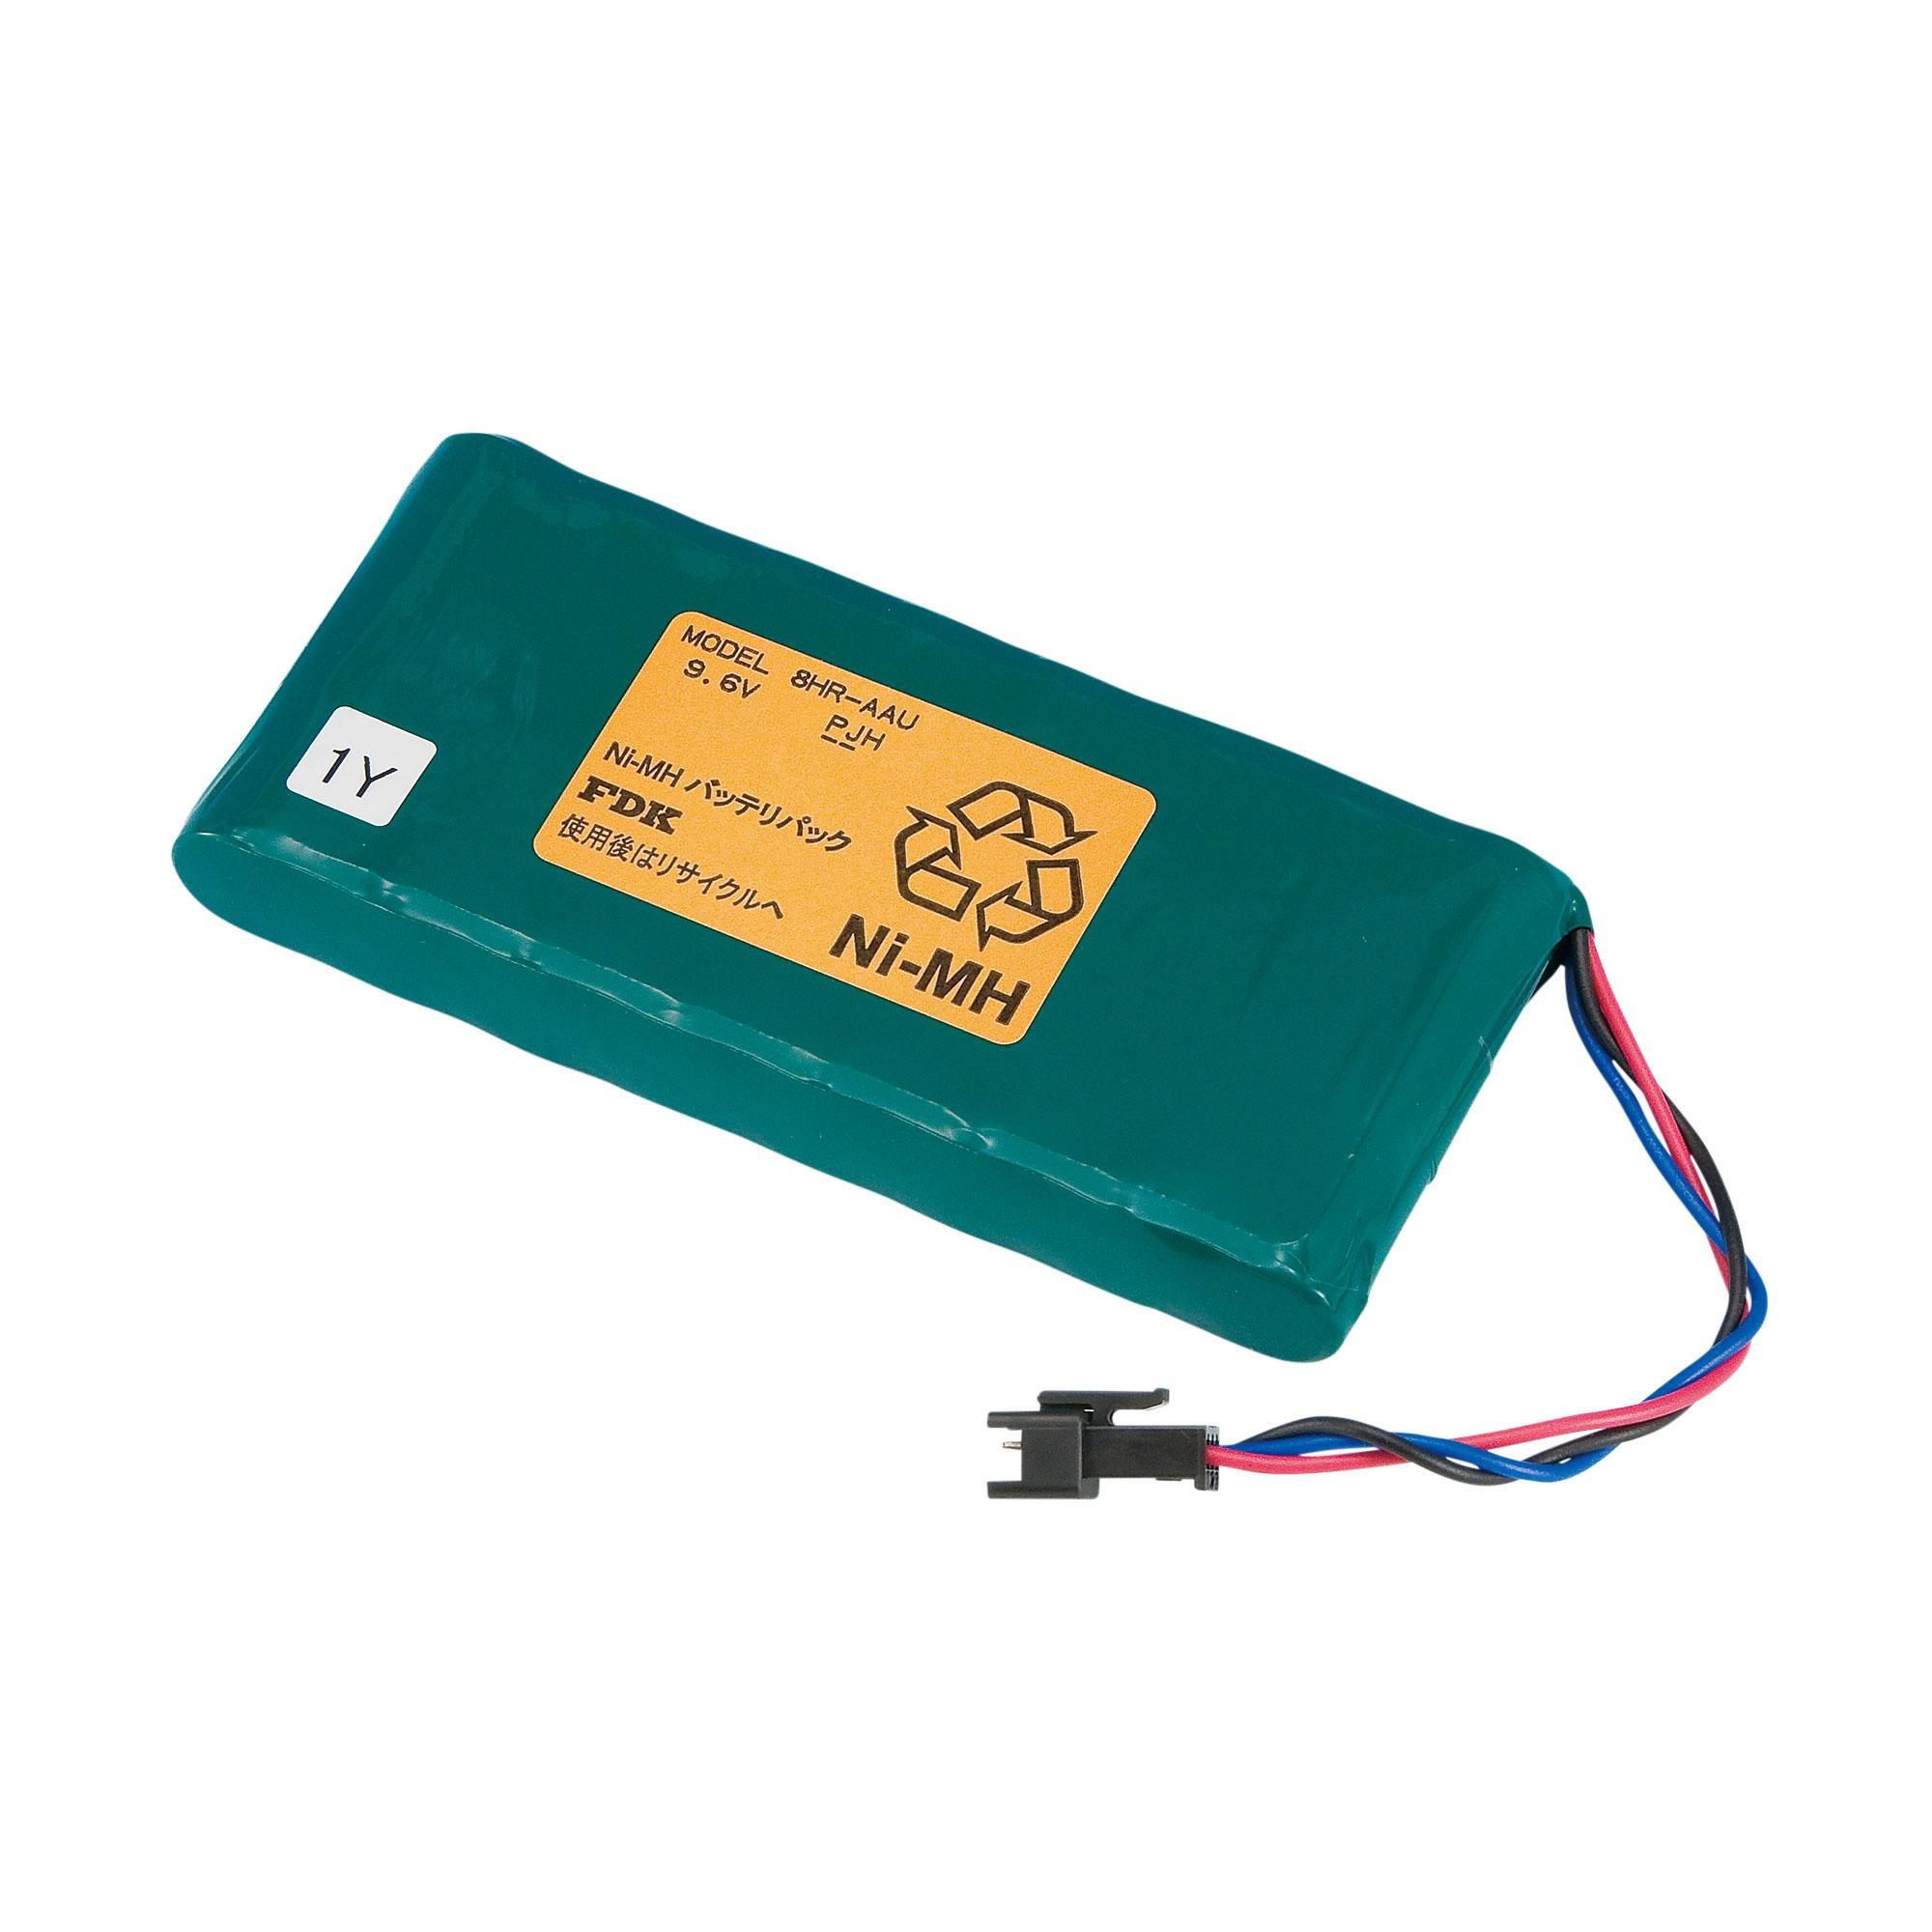 ニッケル水素電池パック